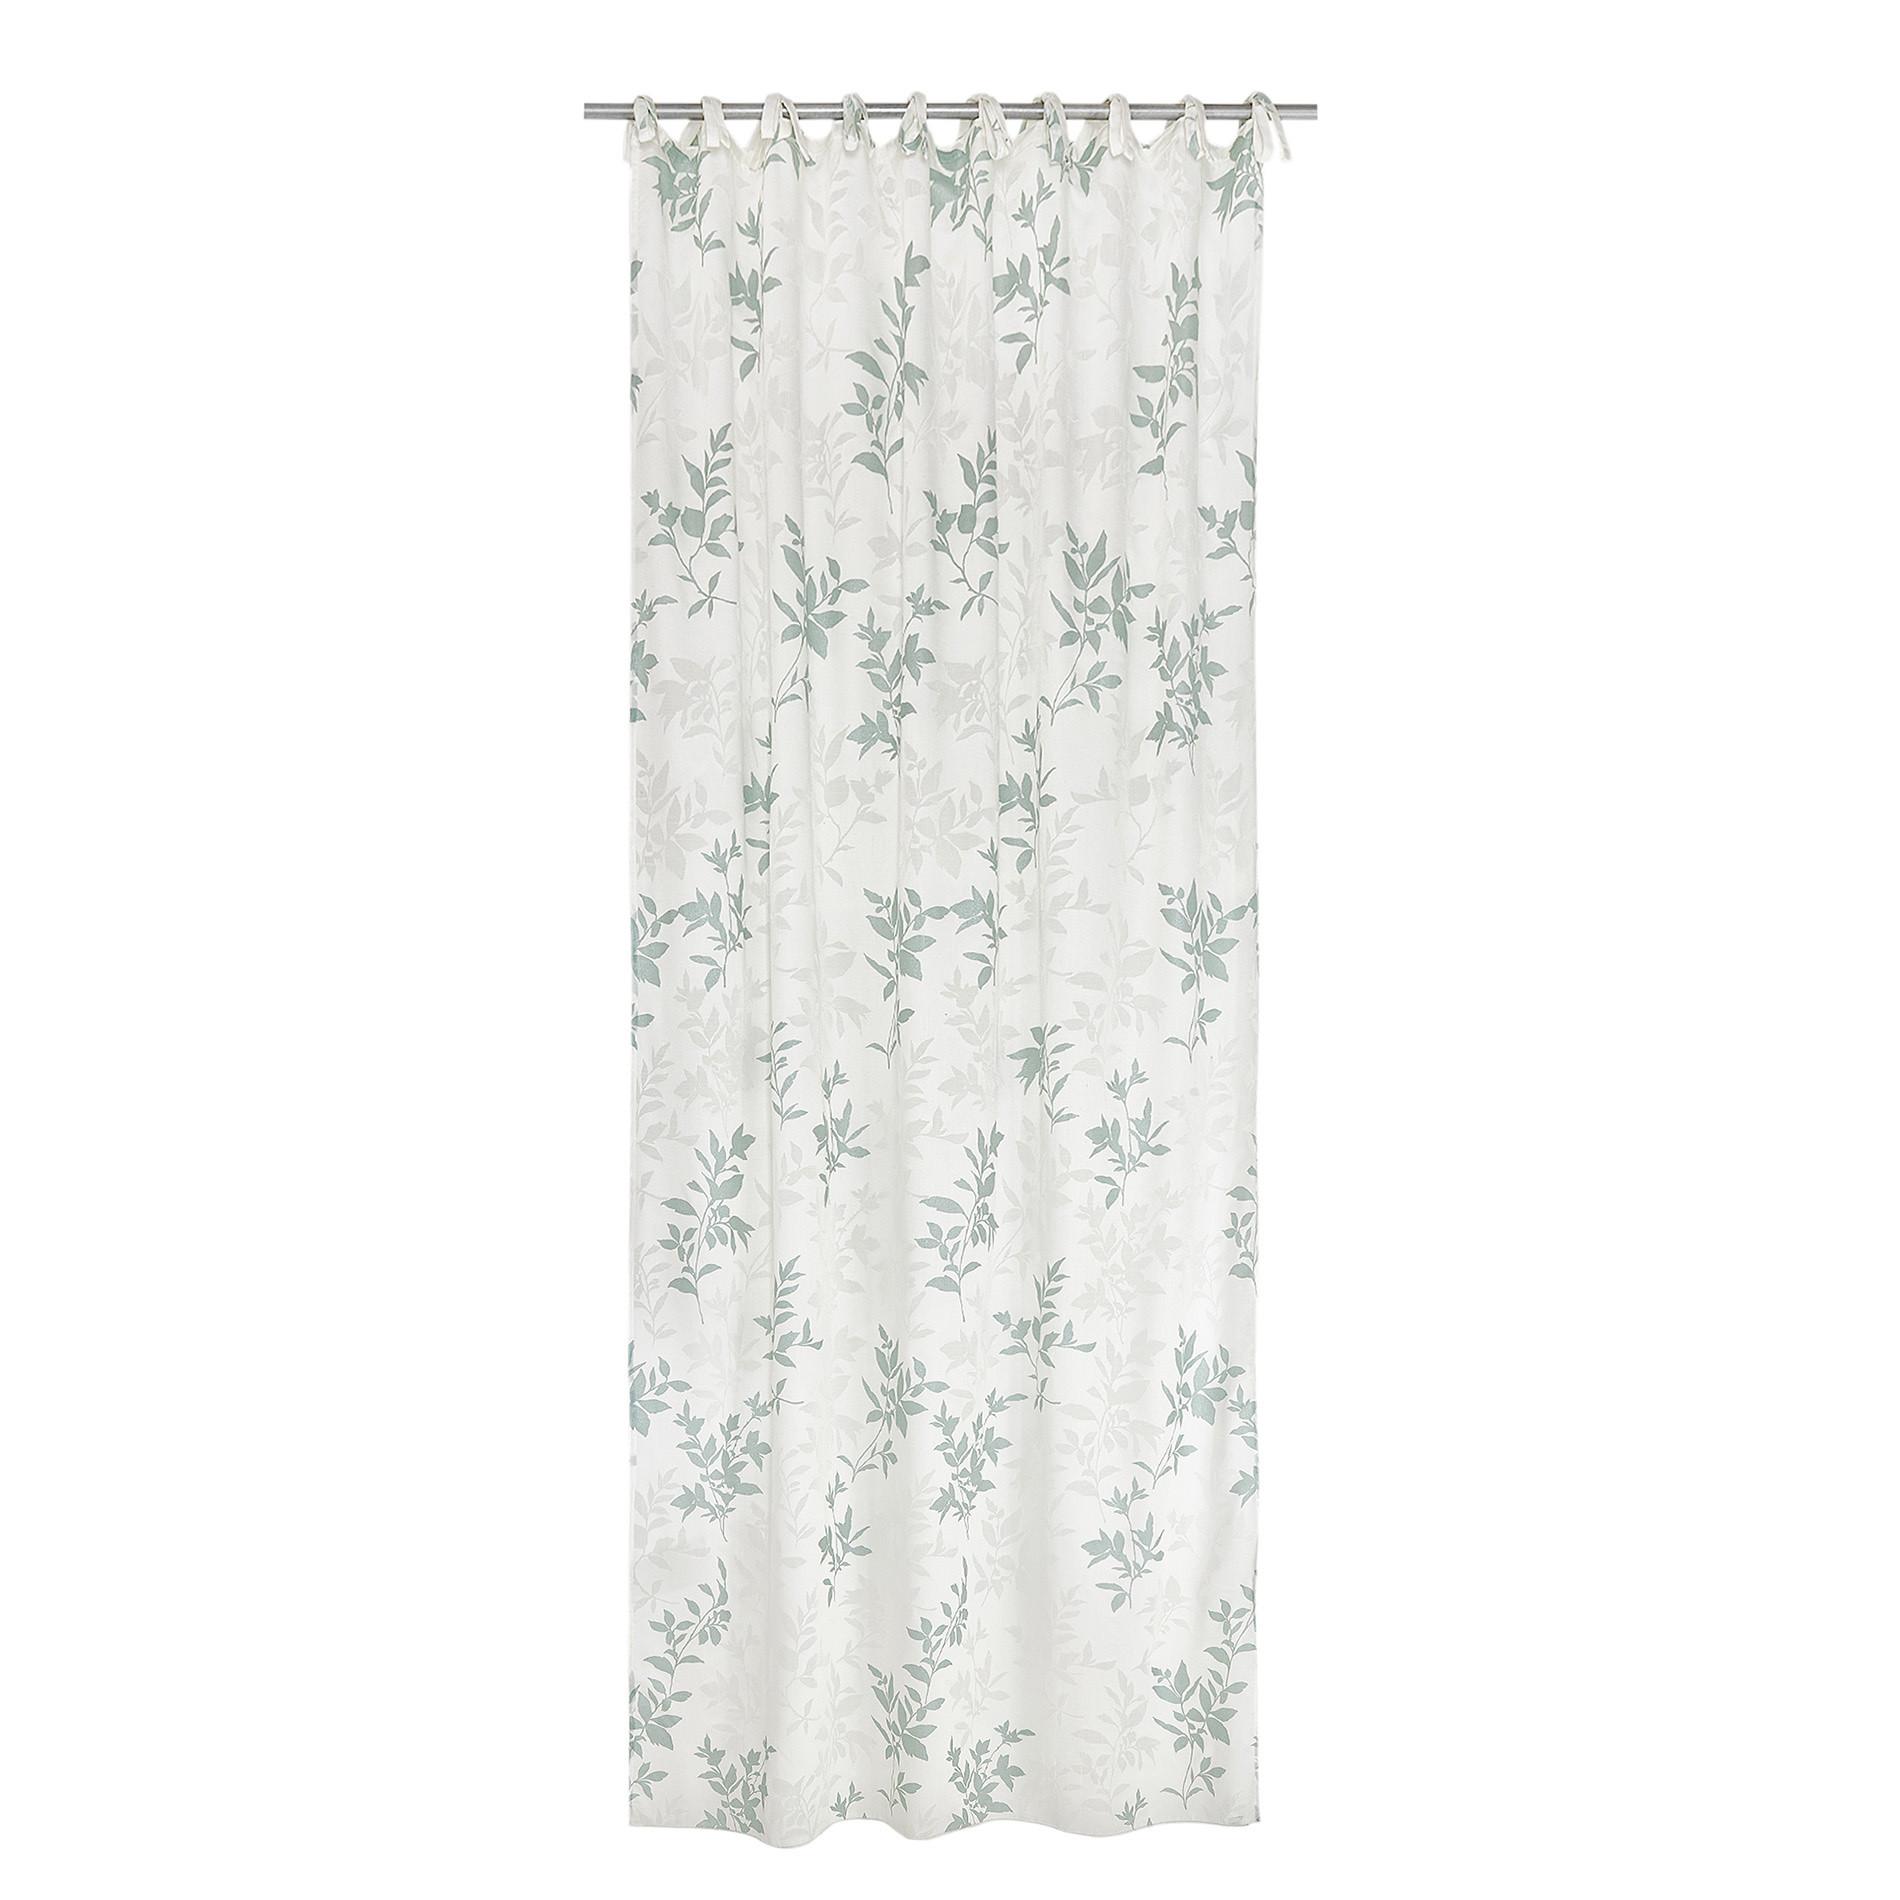 Tenda tessuto devore floreale con laccetti, Beige chiaro, large image number 1